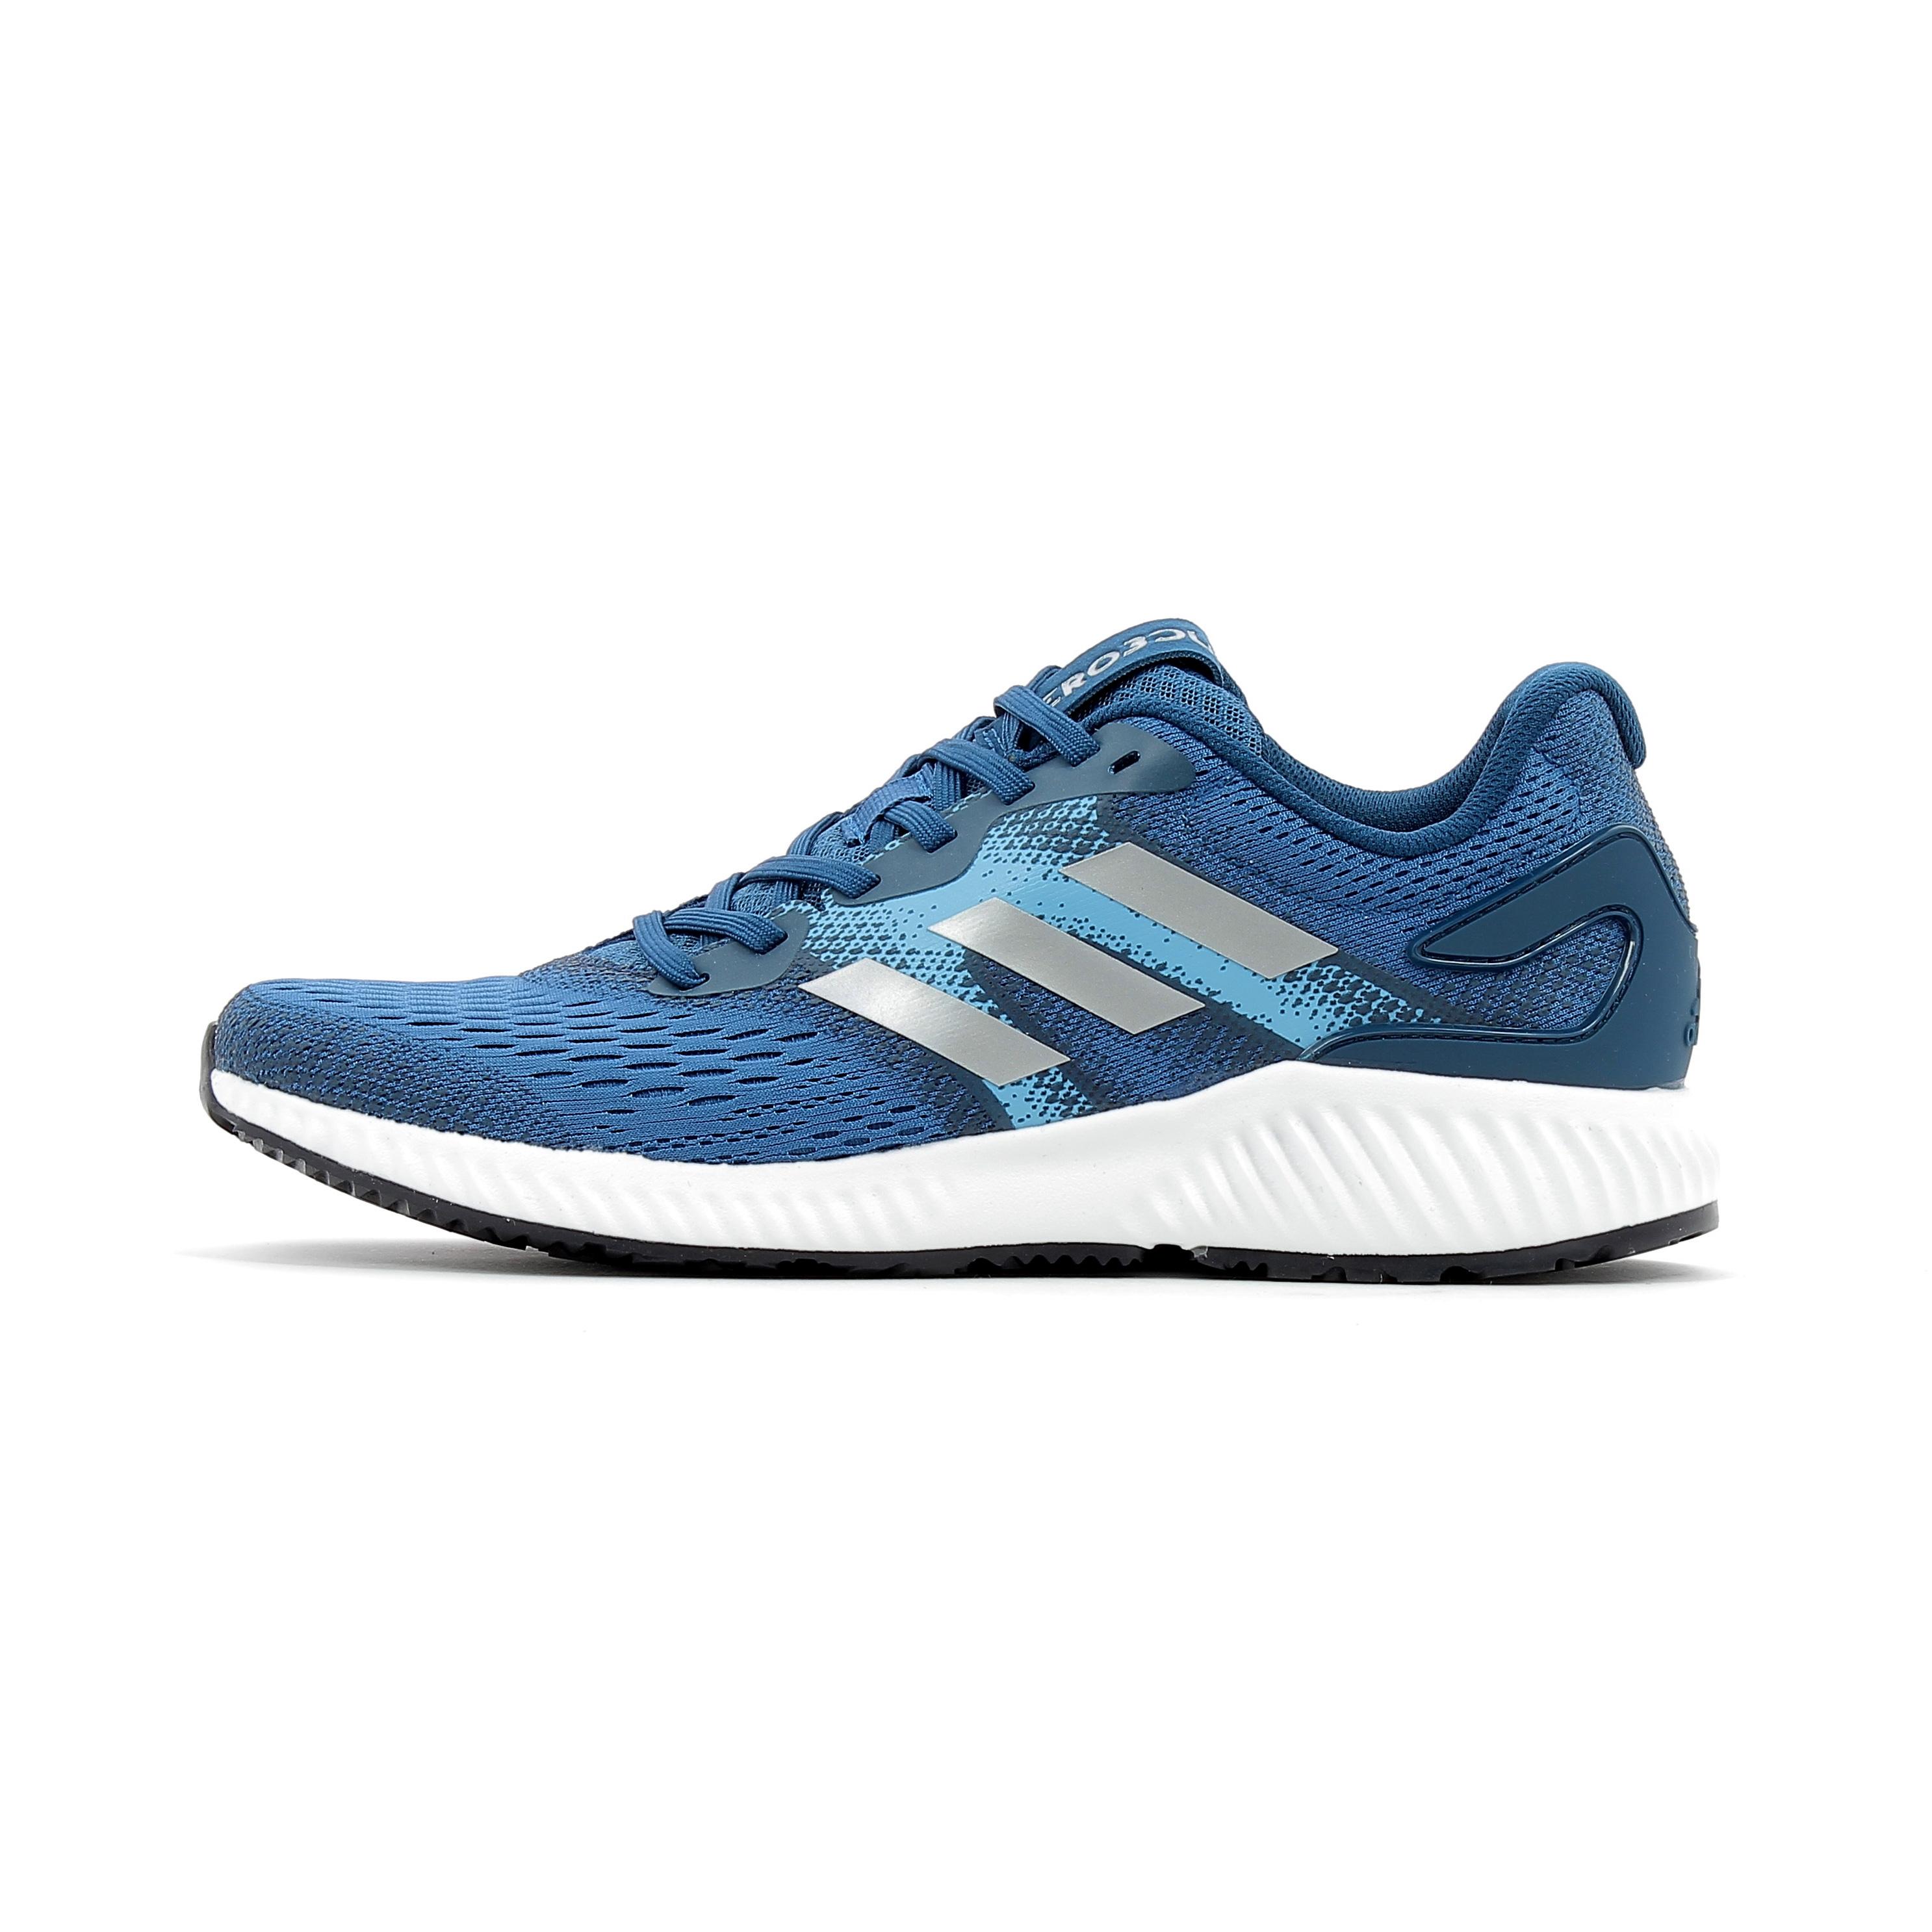 the best attitude 09b60 d3ffd Chaussures de Running adidas running AeroBounce Bleu